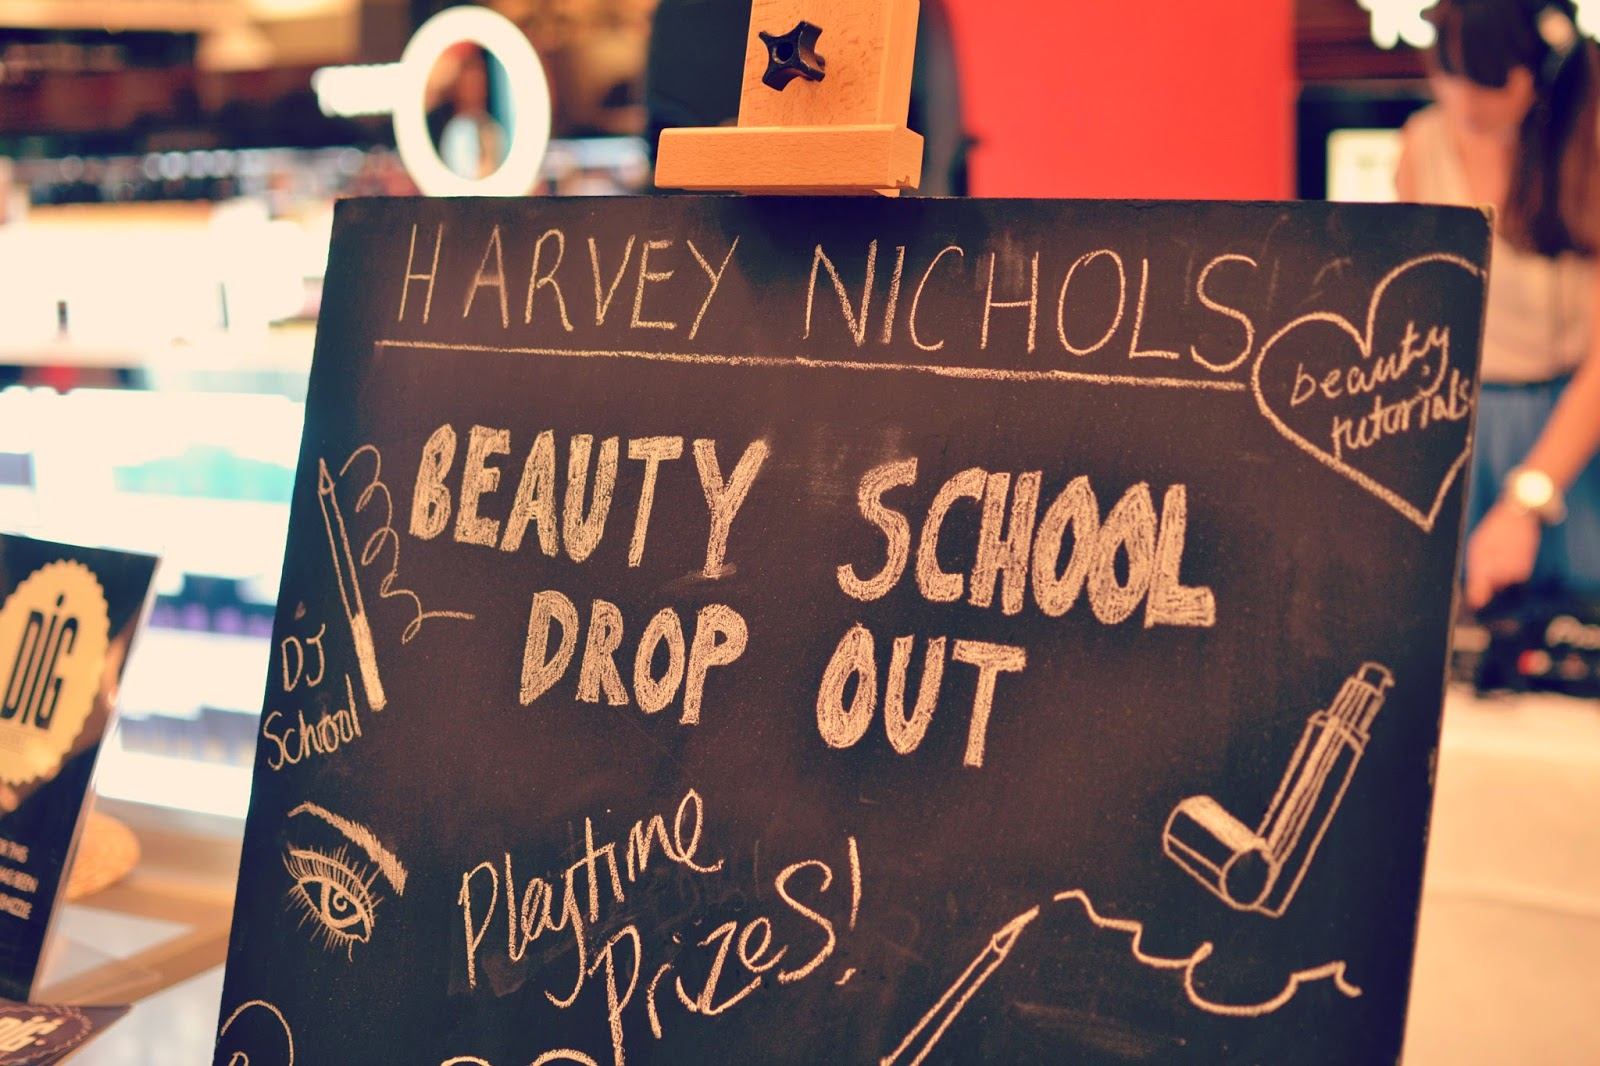 Harvey Nichols Beauty School Drop Out